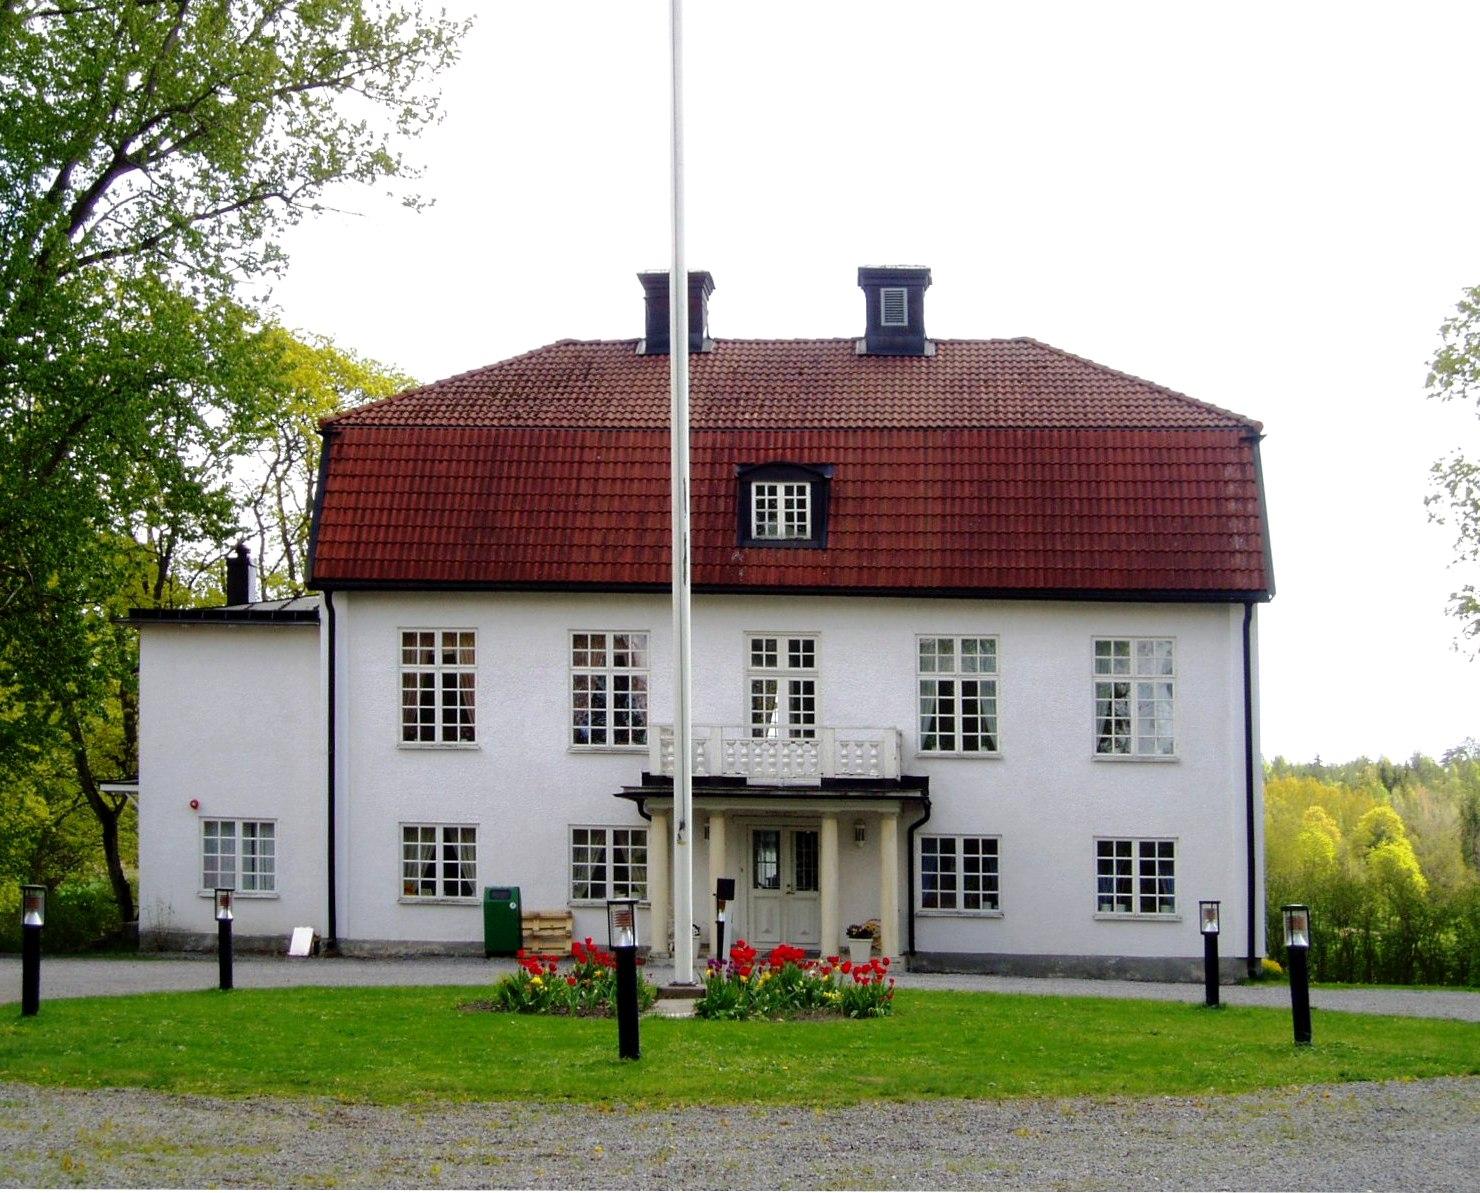 Kalmar to Berga centrum - 3 ways to travel via train, bus, and car